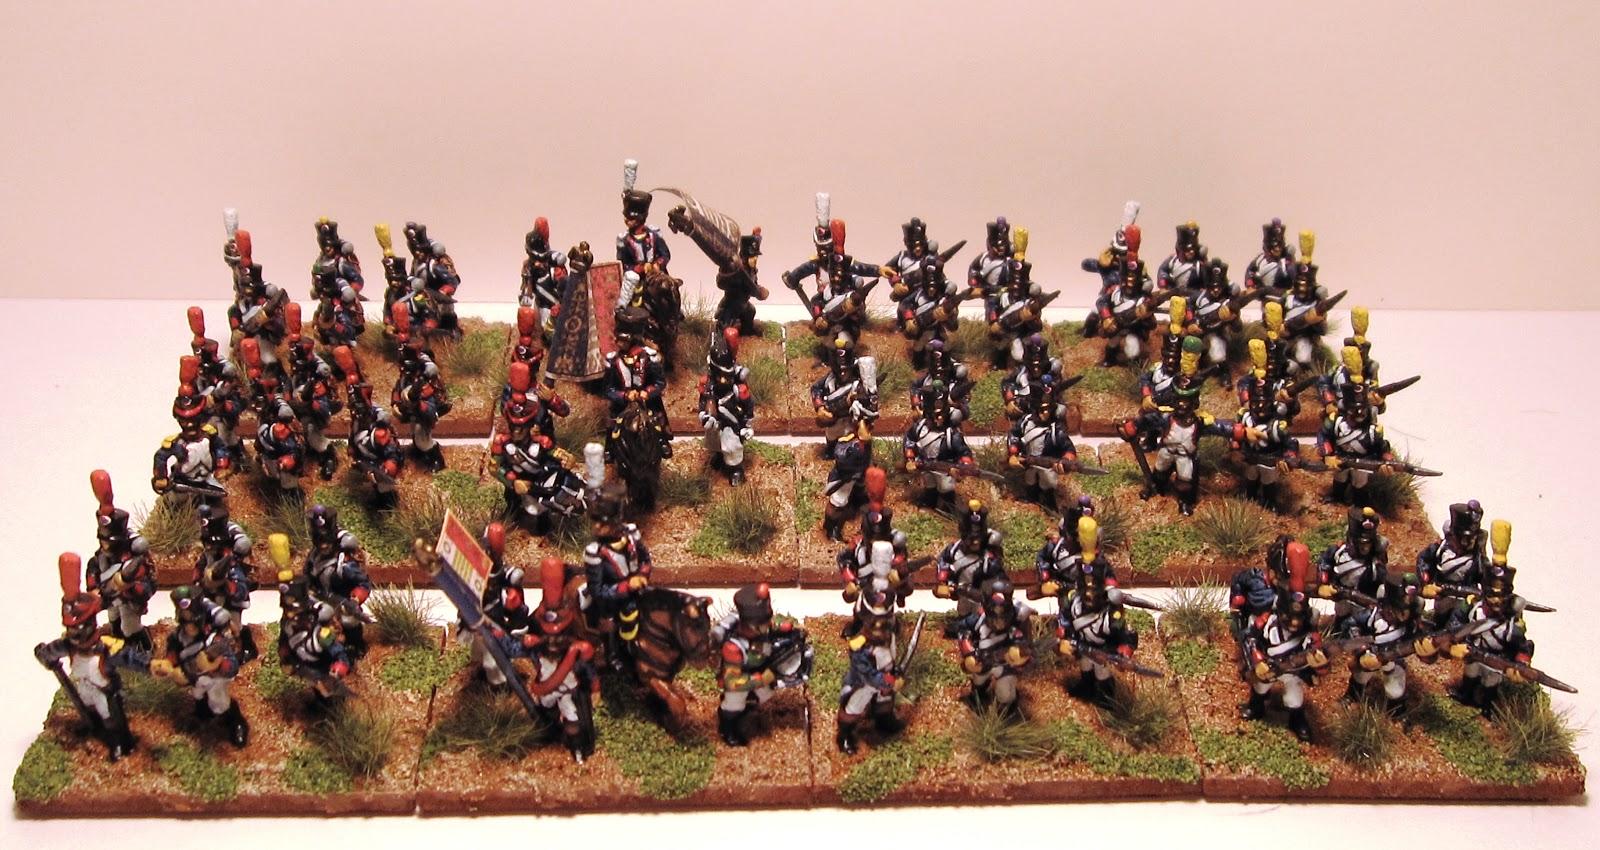 du motivex pour la petite mine de l'admin ! Infanterie+fran%25C3%25A7aise+1813